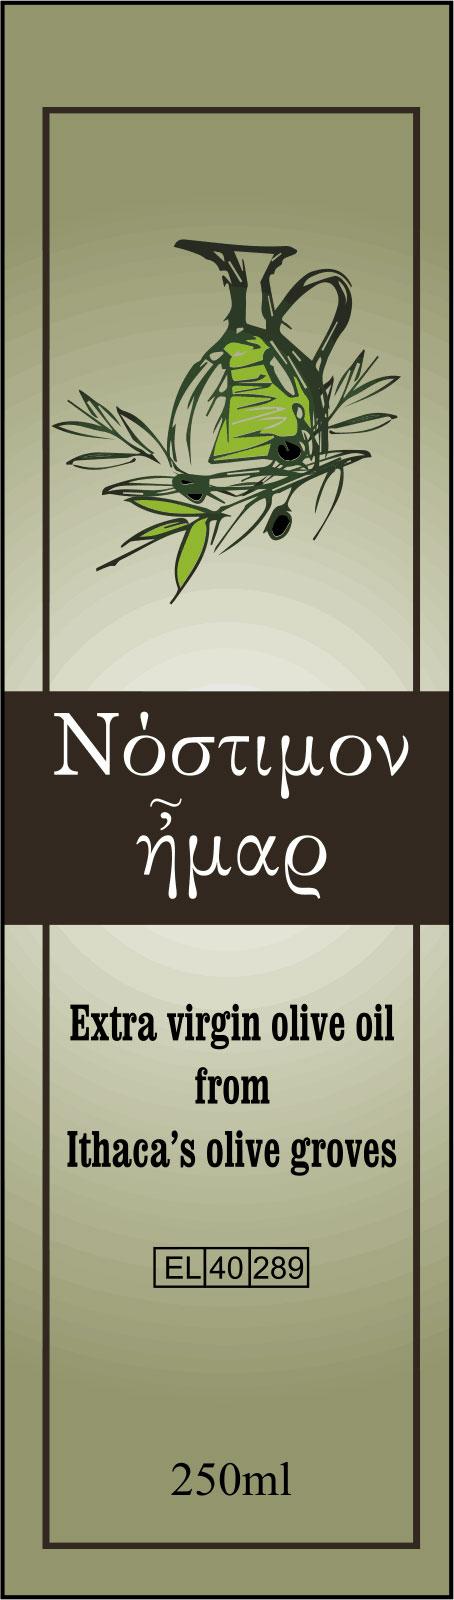 Ετικέτα λαδιού - Νόστιμον ήμαρ - Multistick labels